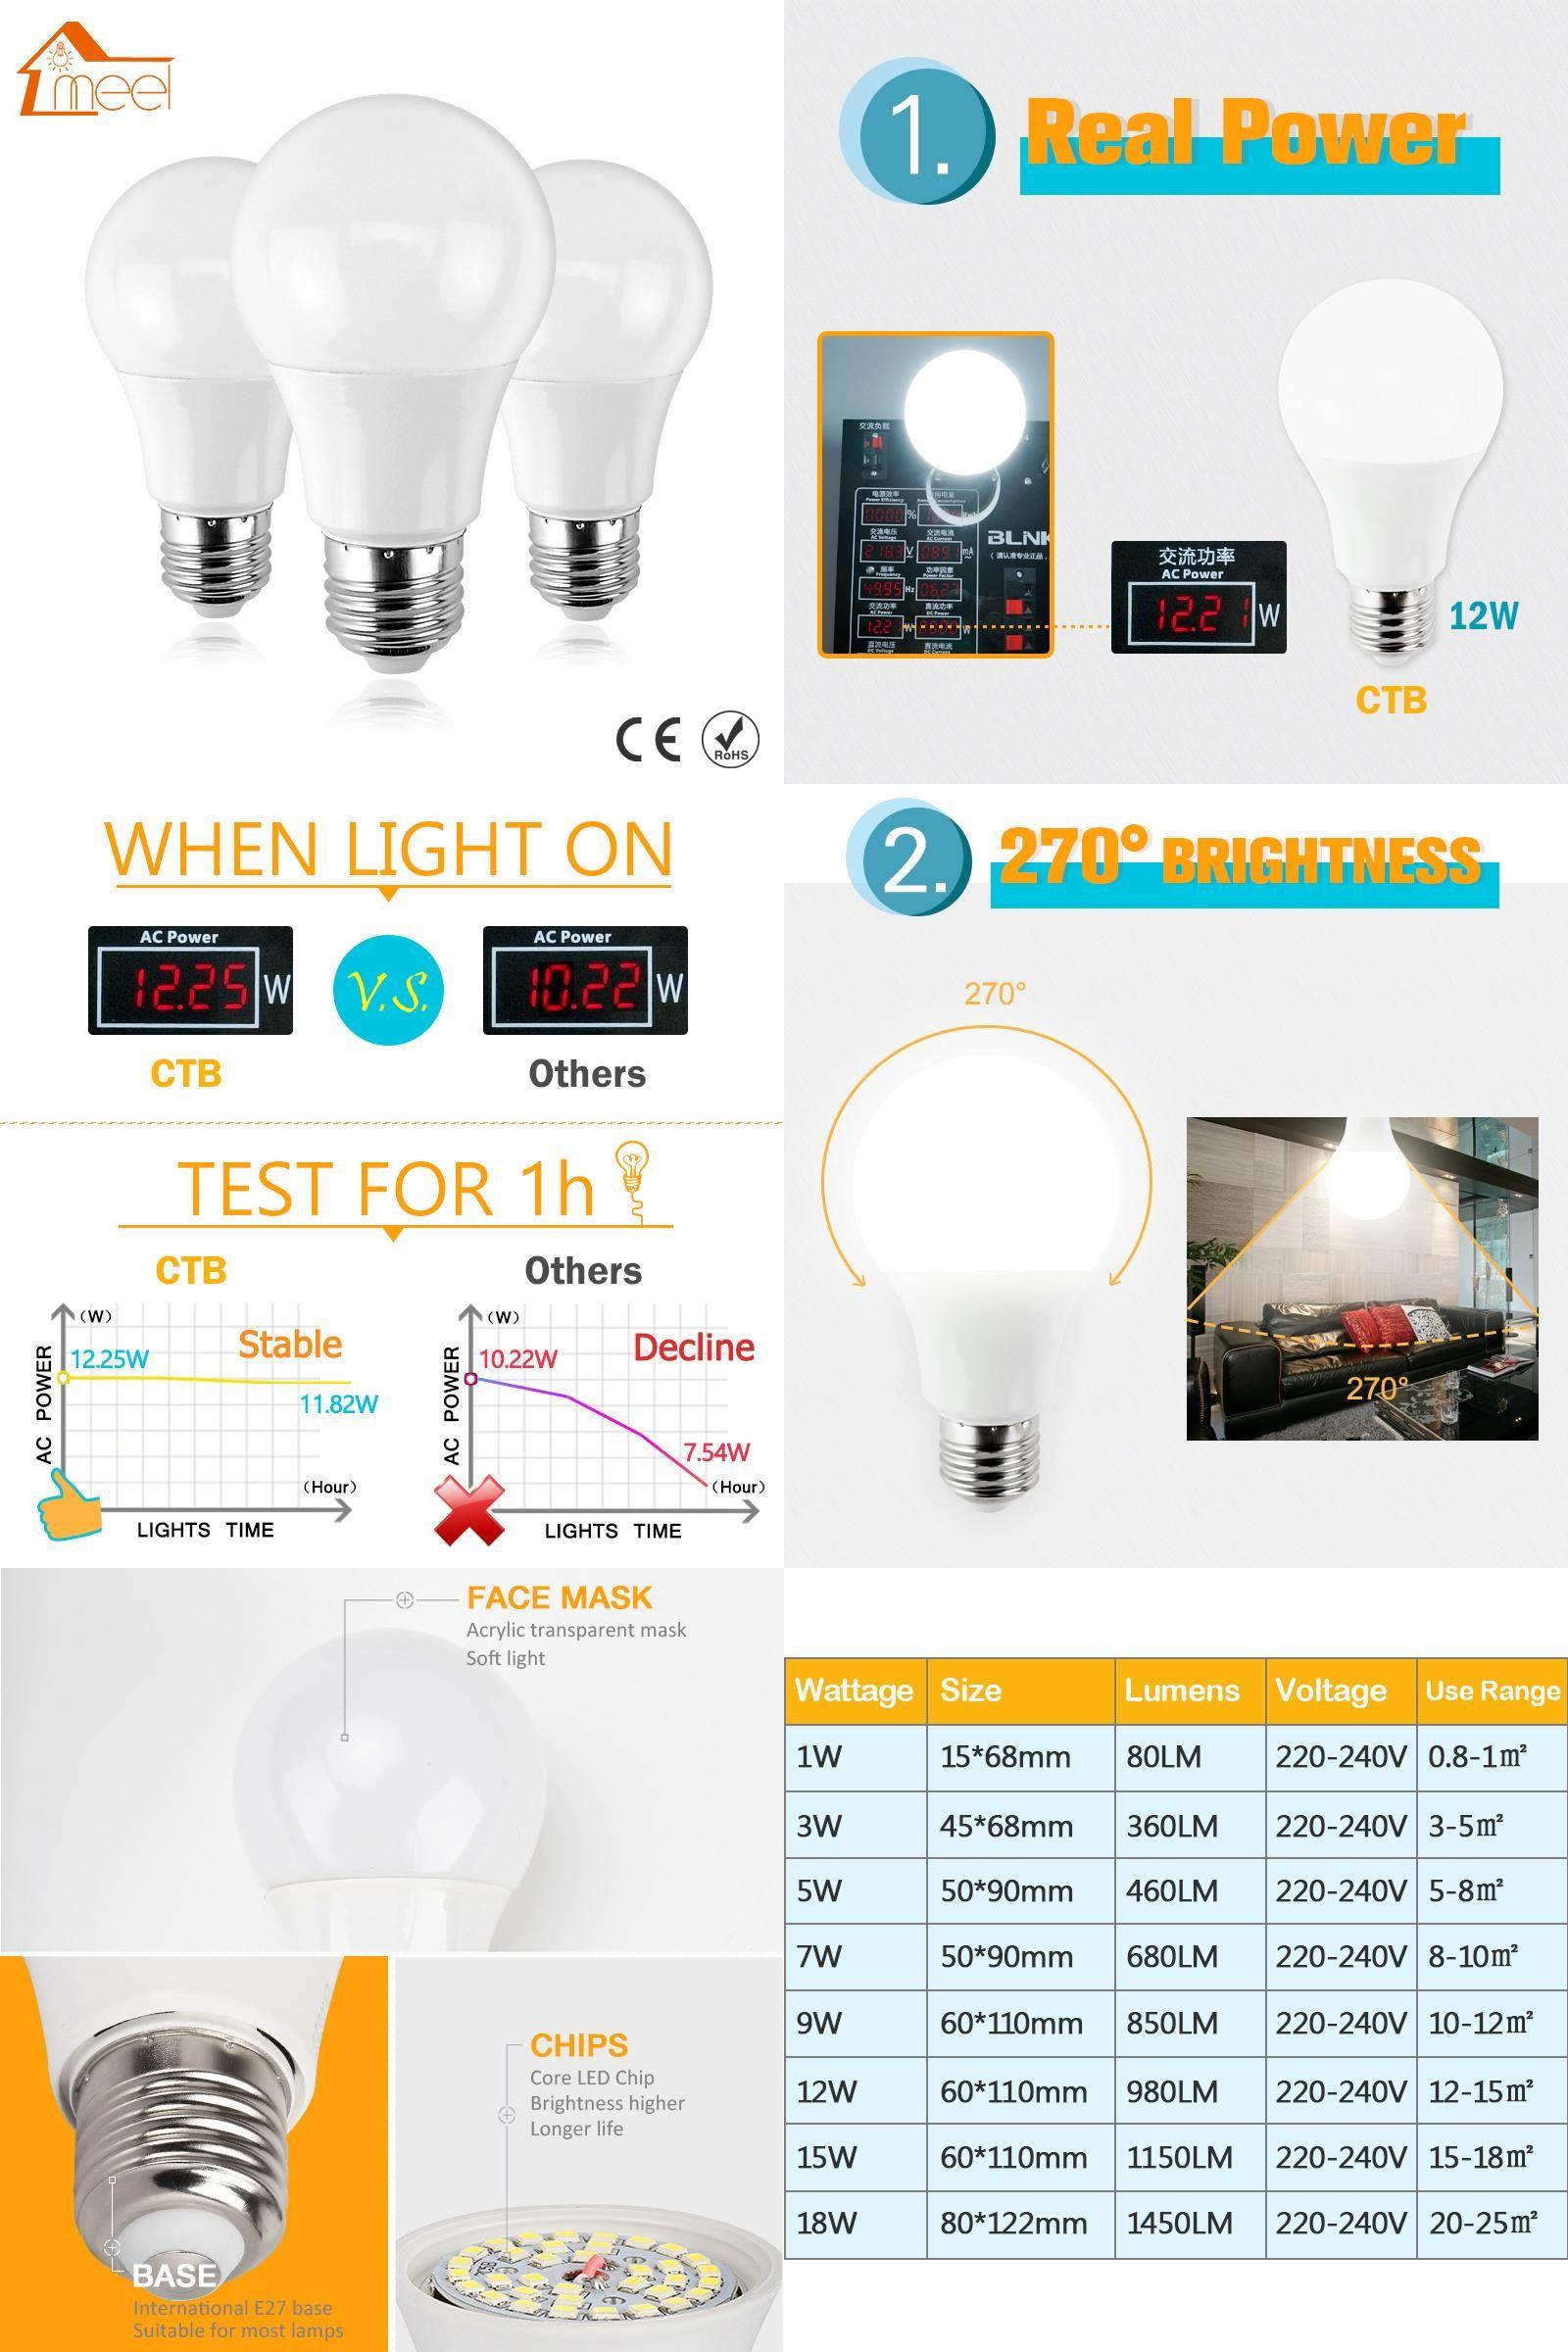 Wifi Bombilla Led Magia Casa Inteligente Bombilla Rgbw 4 5 W 6 5 W 11 W Rgbw E27 Regulable Grupo De Luz Led Compatible Con Alexa Go Bombillas Led Bombillas Led